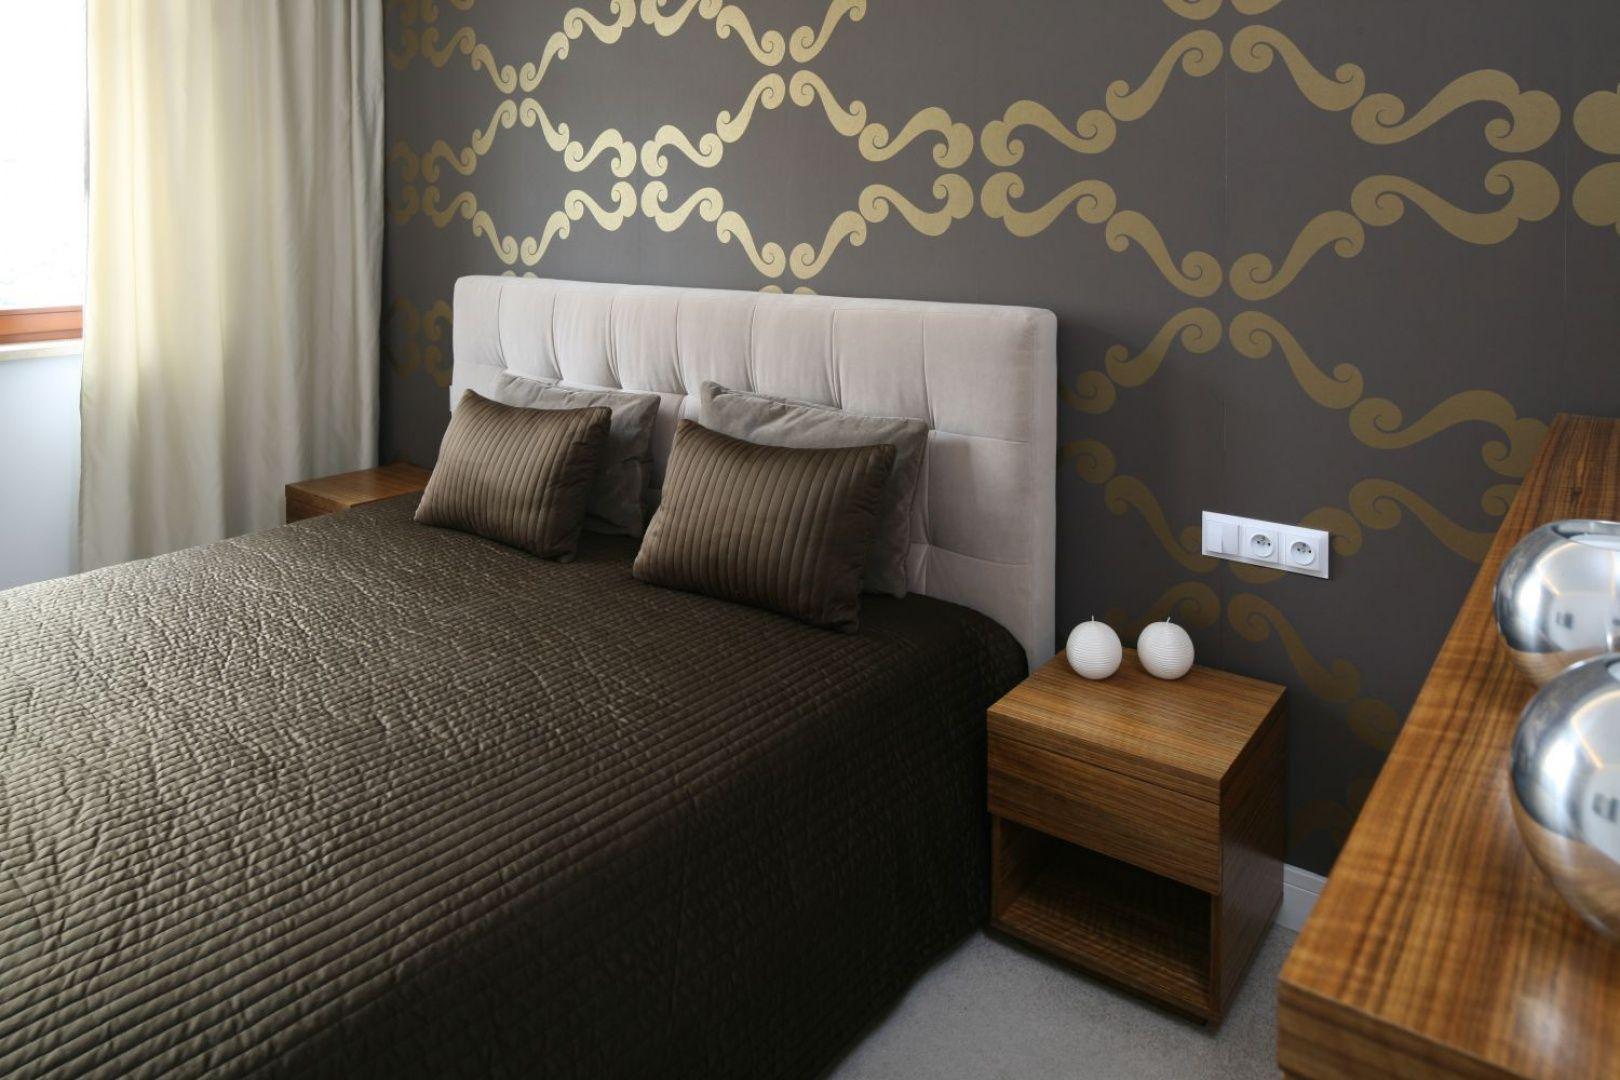 Ściana za łóżkiem w sypialni wykończona jest ciemną tapetą o złotym wzorze. Projekt: Małgorzata Galewska. Fot. Bartosz Jarosz.